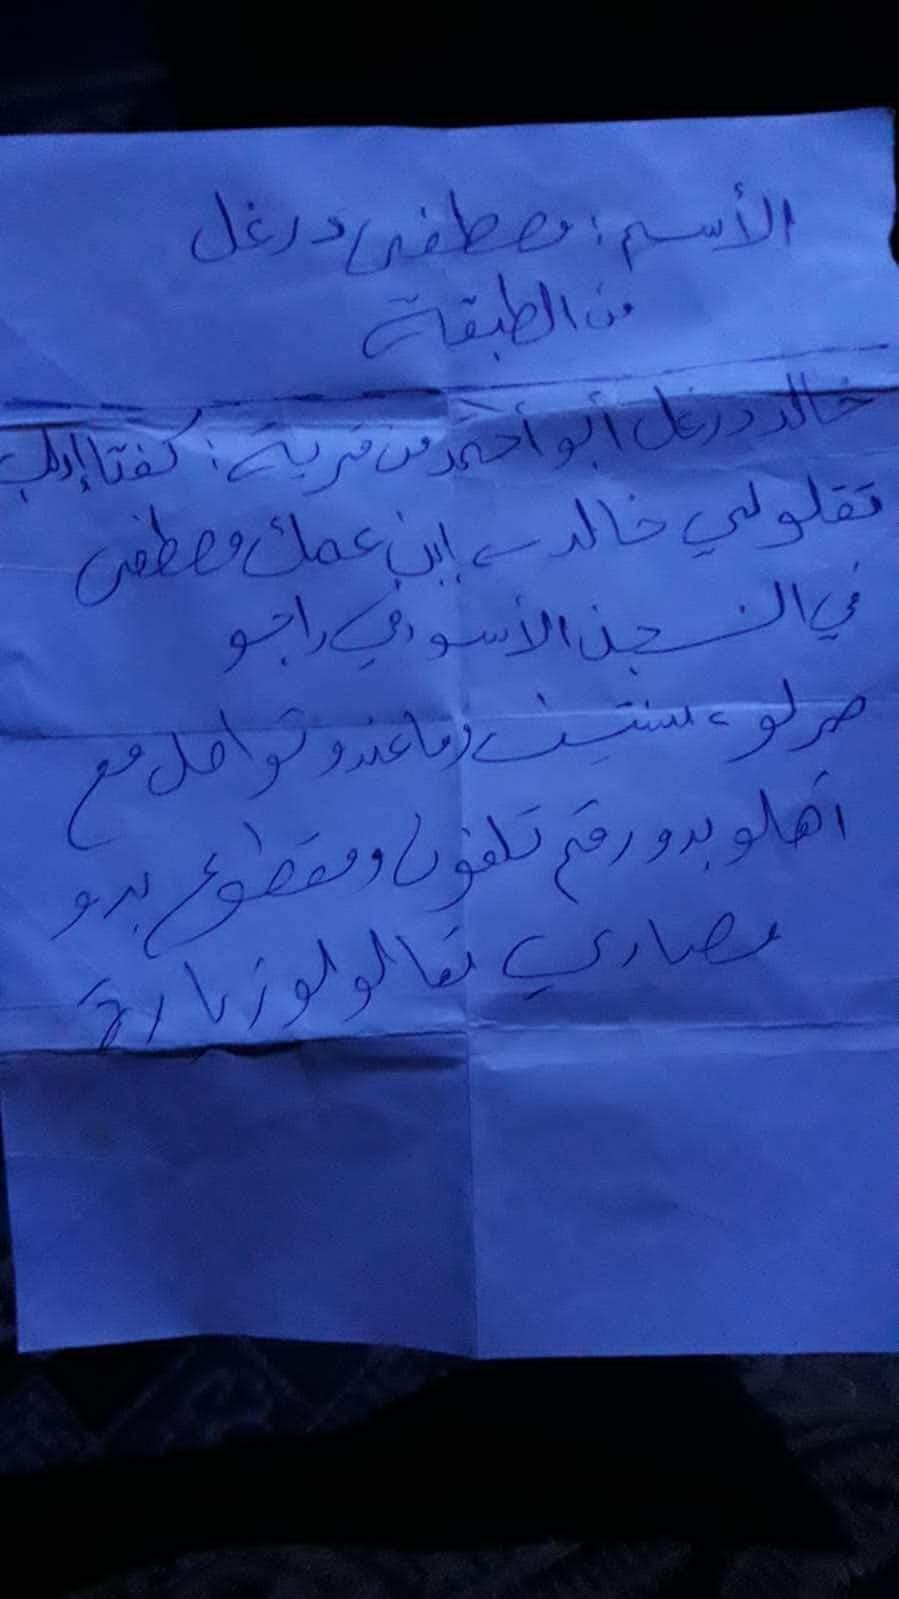 رسالة من معتقل مدني بالسجن الأسود التابع لـ فرقة الحمزات